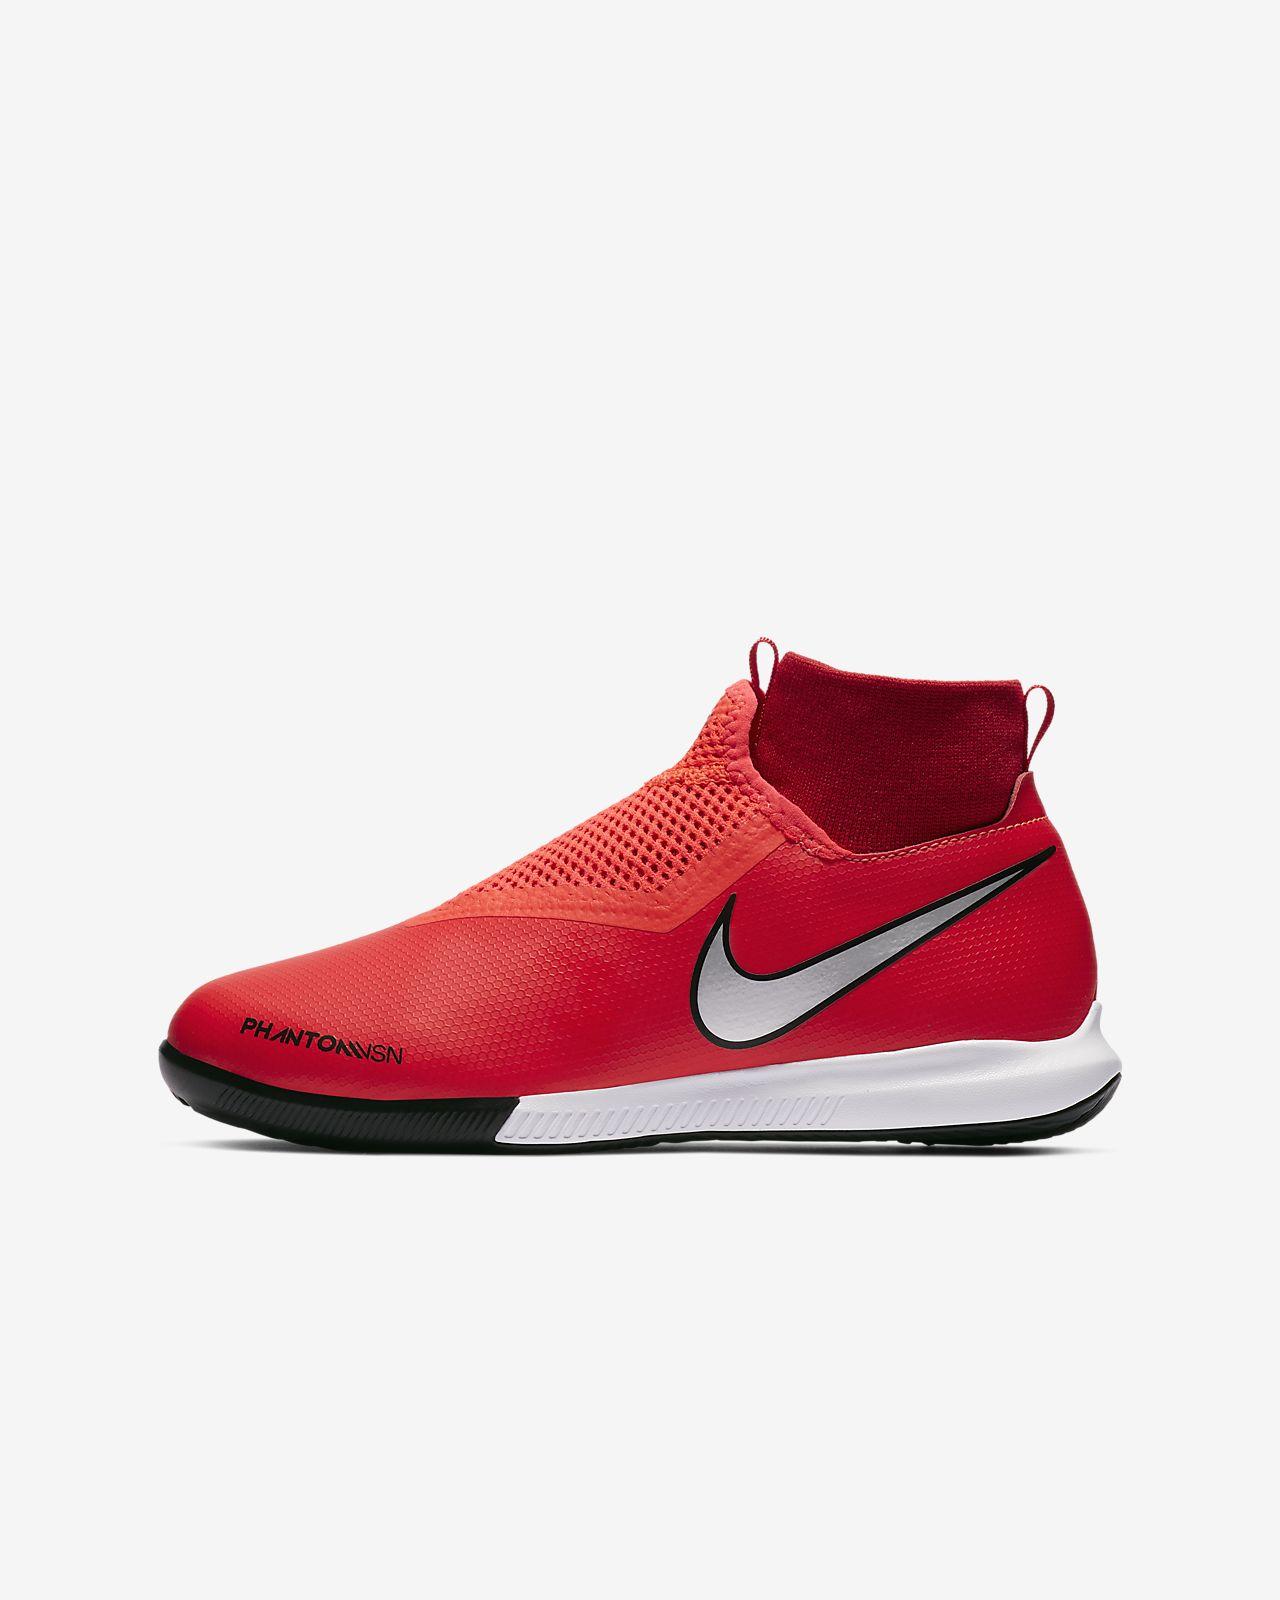 finest selection 7c838 86b58 ... Halowe buty piłkarskie dla dzieci Nike Jr. PhantomVSN Academy Dynamic  Fit IC